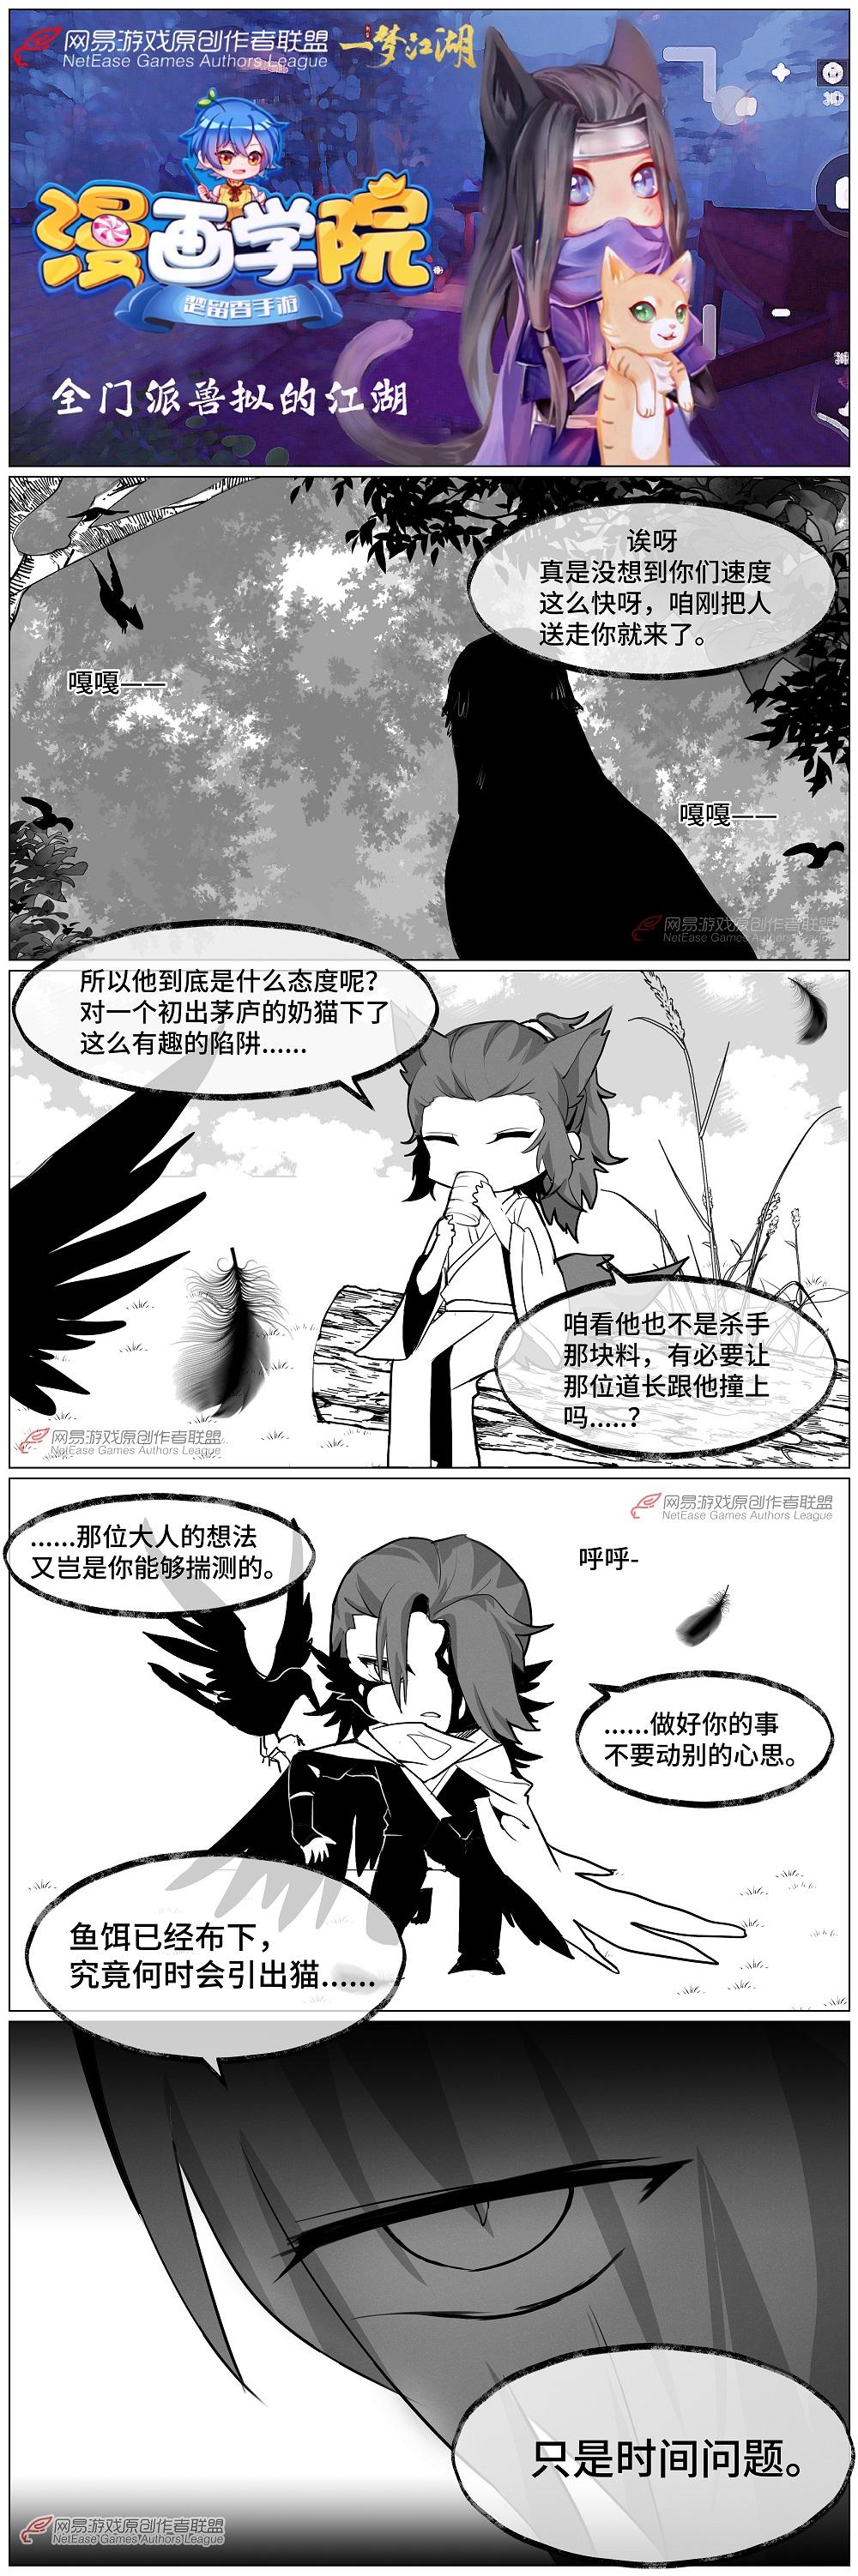 【原创作者联盟】【漫画学院】风云欲起